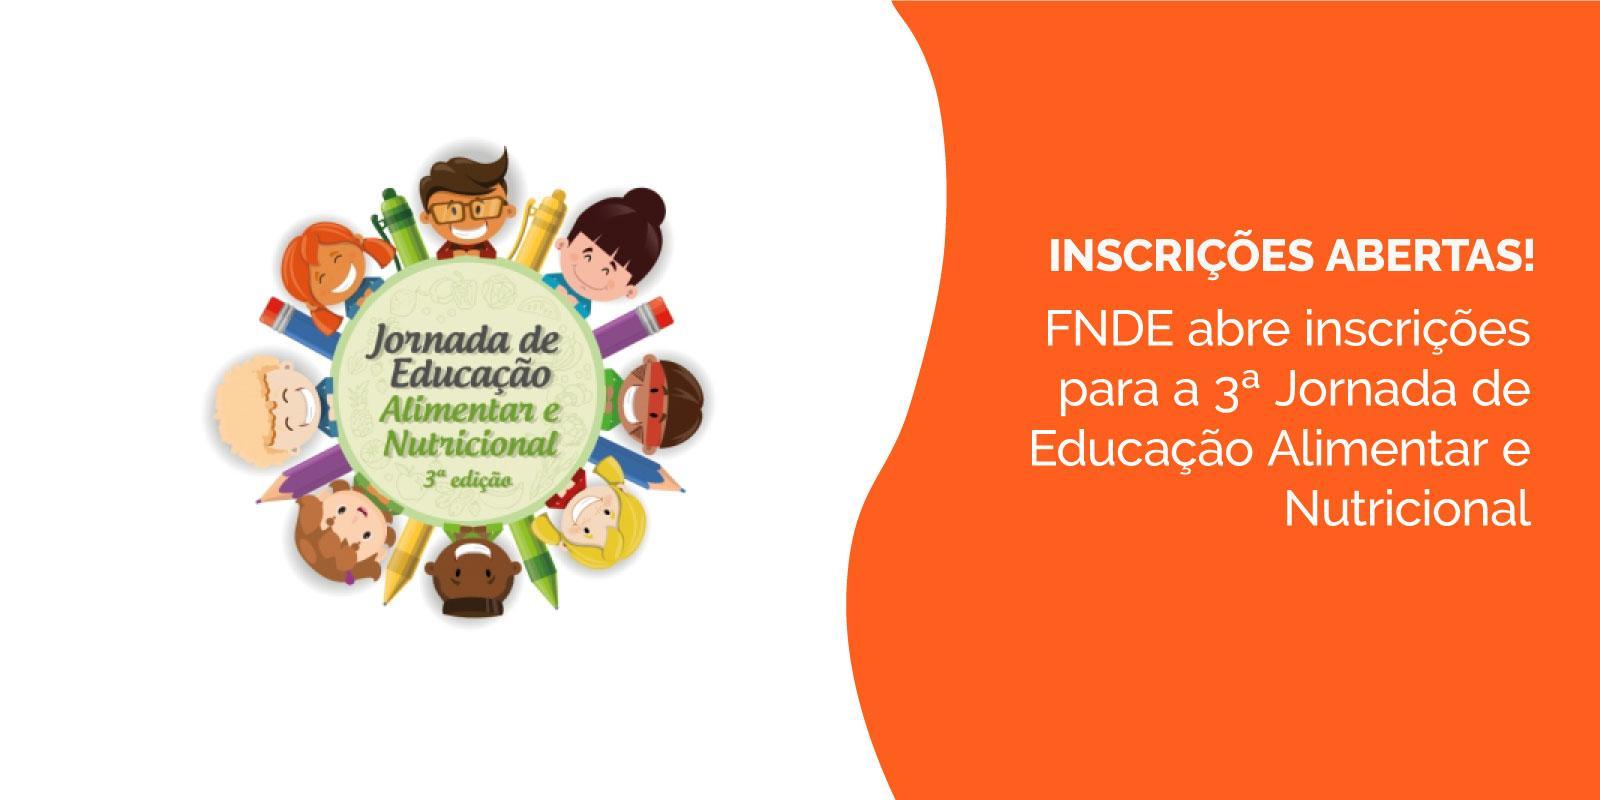 FNDE abre inscrições para a 3ª Jornada de Educação Alimentar e Nutricional